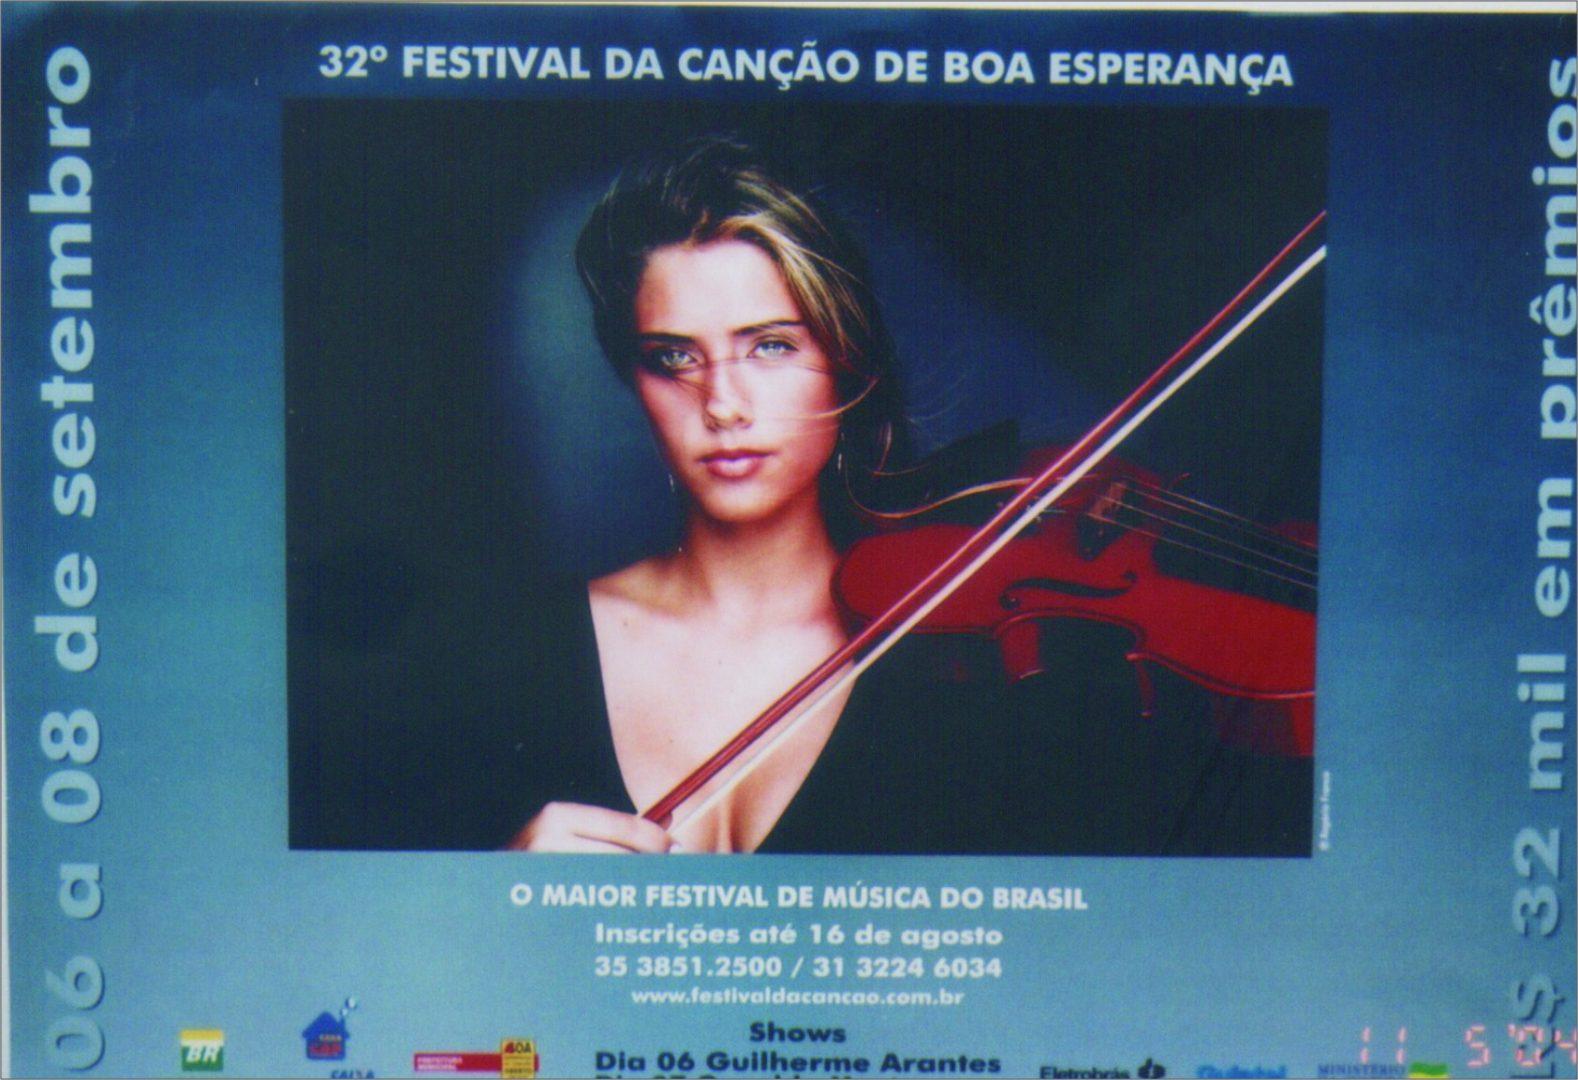 32º Festival da Canção de Boa Esperança